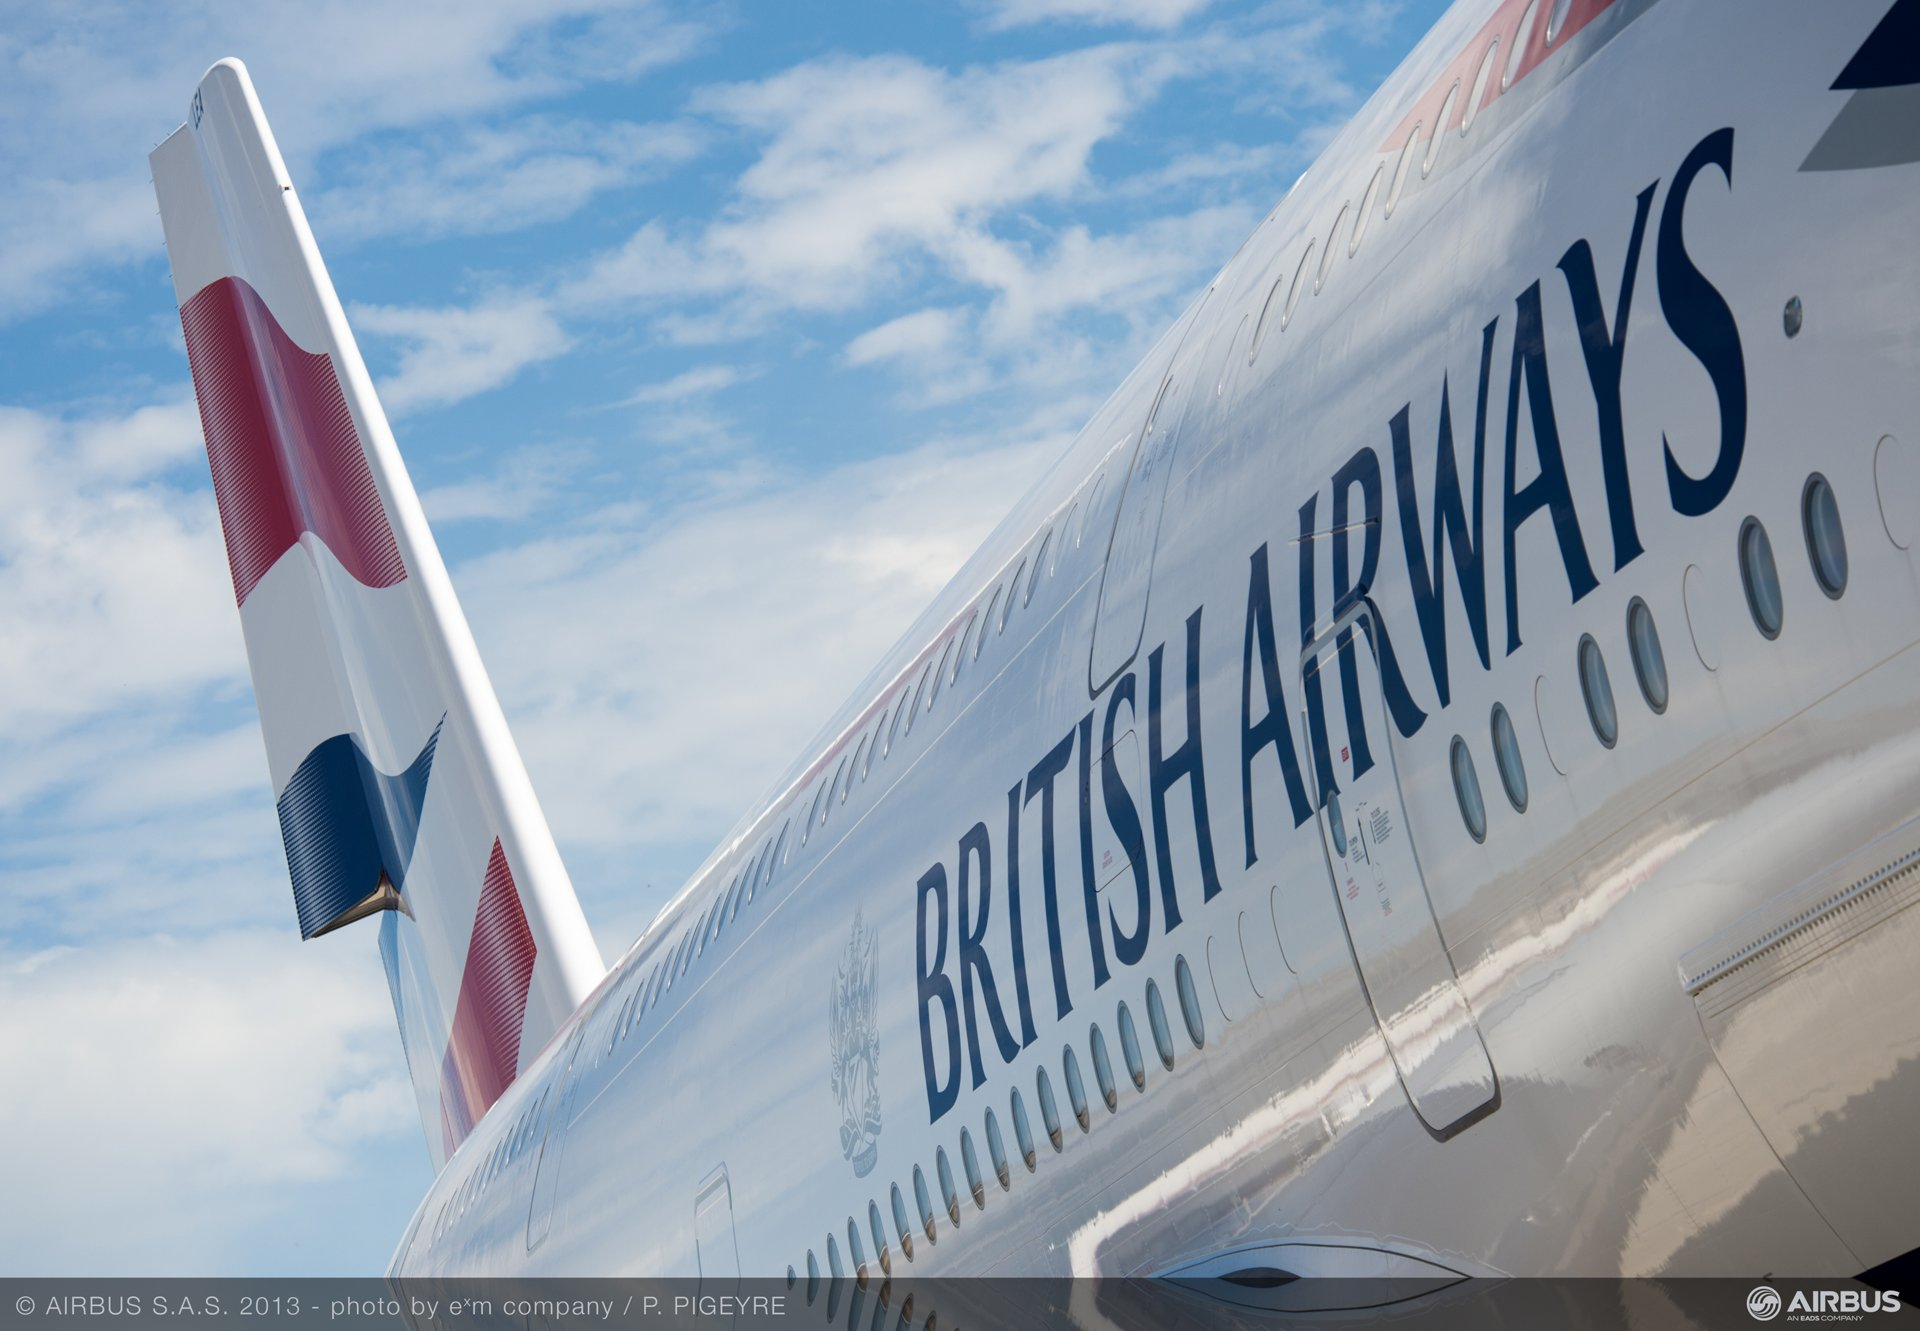 A380 British Airways fuselage